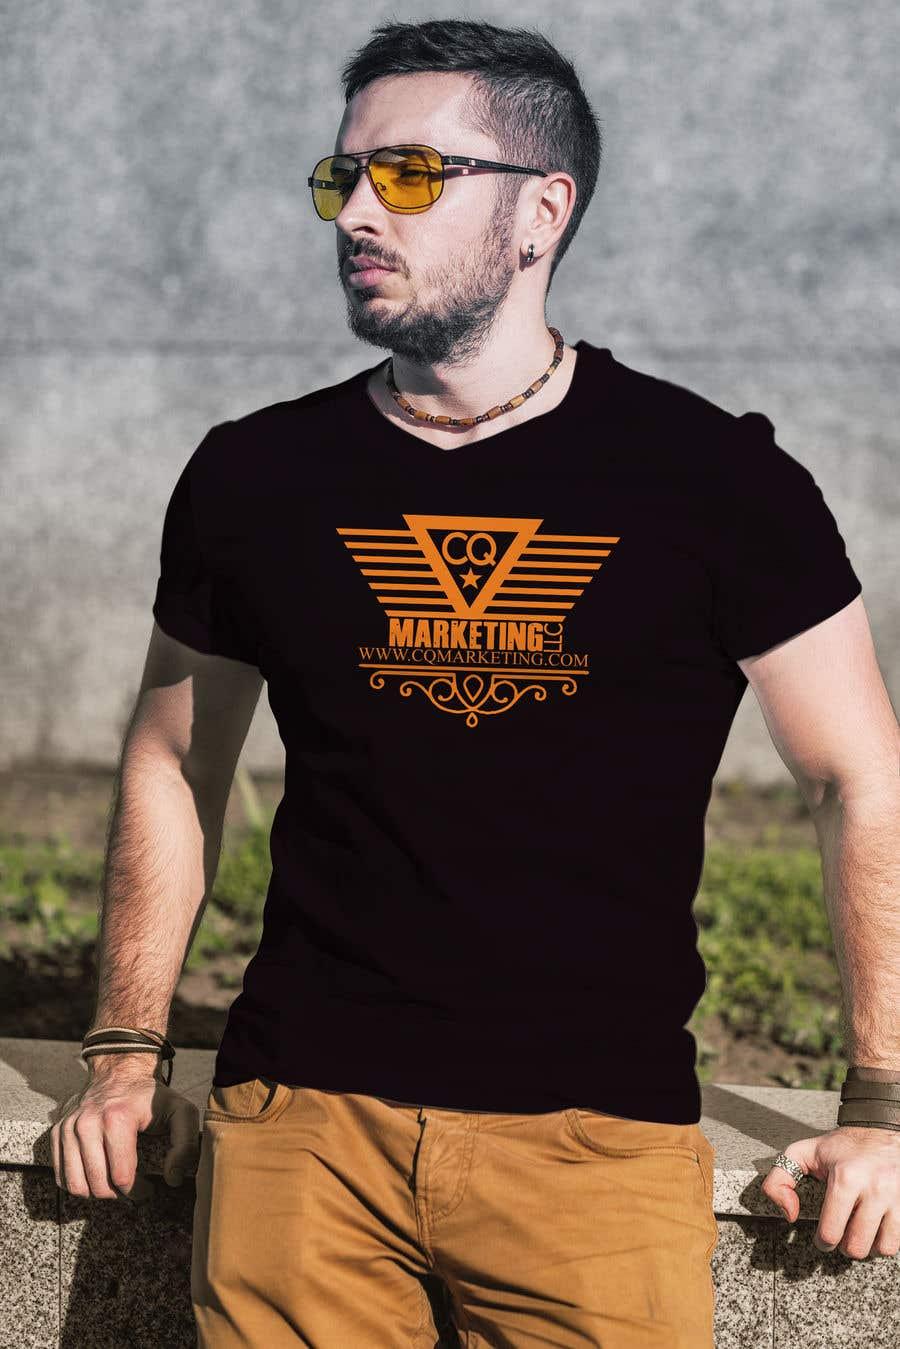 Konkurrenceindlæg #230 for Company T-Shirt Design